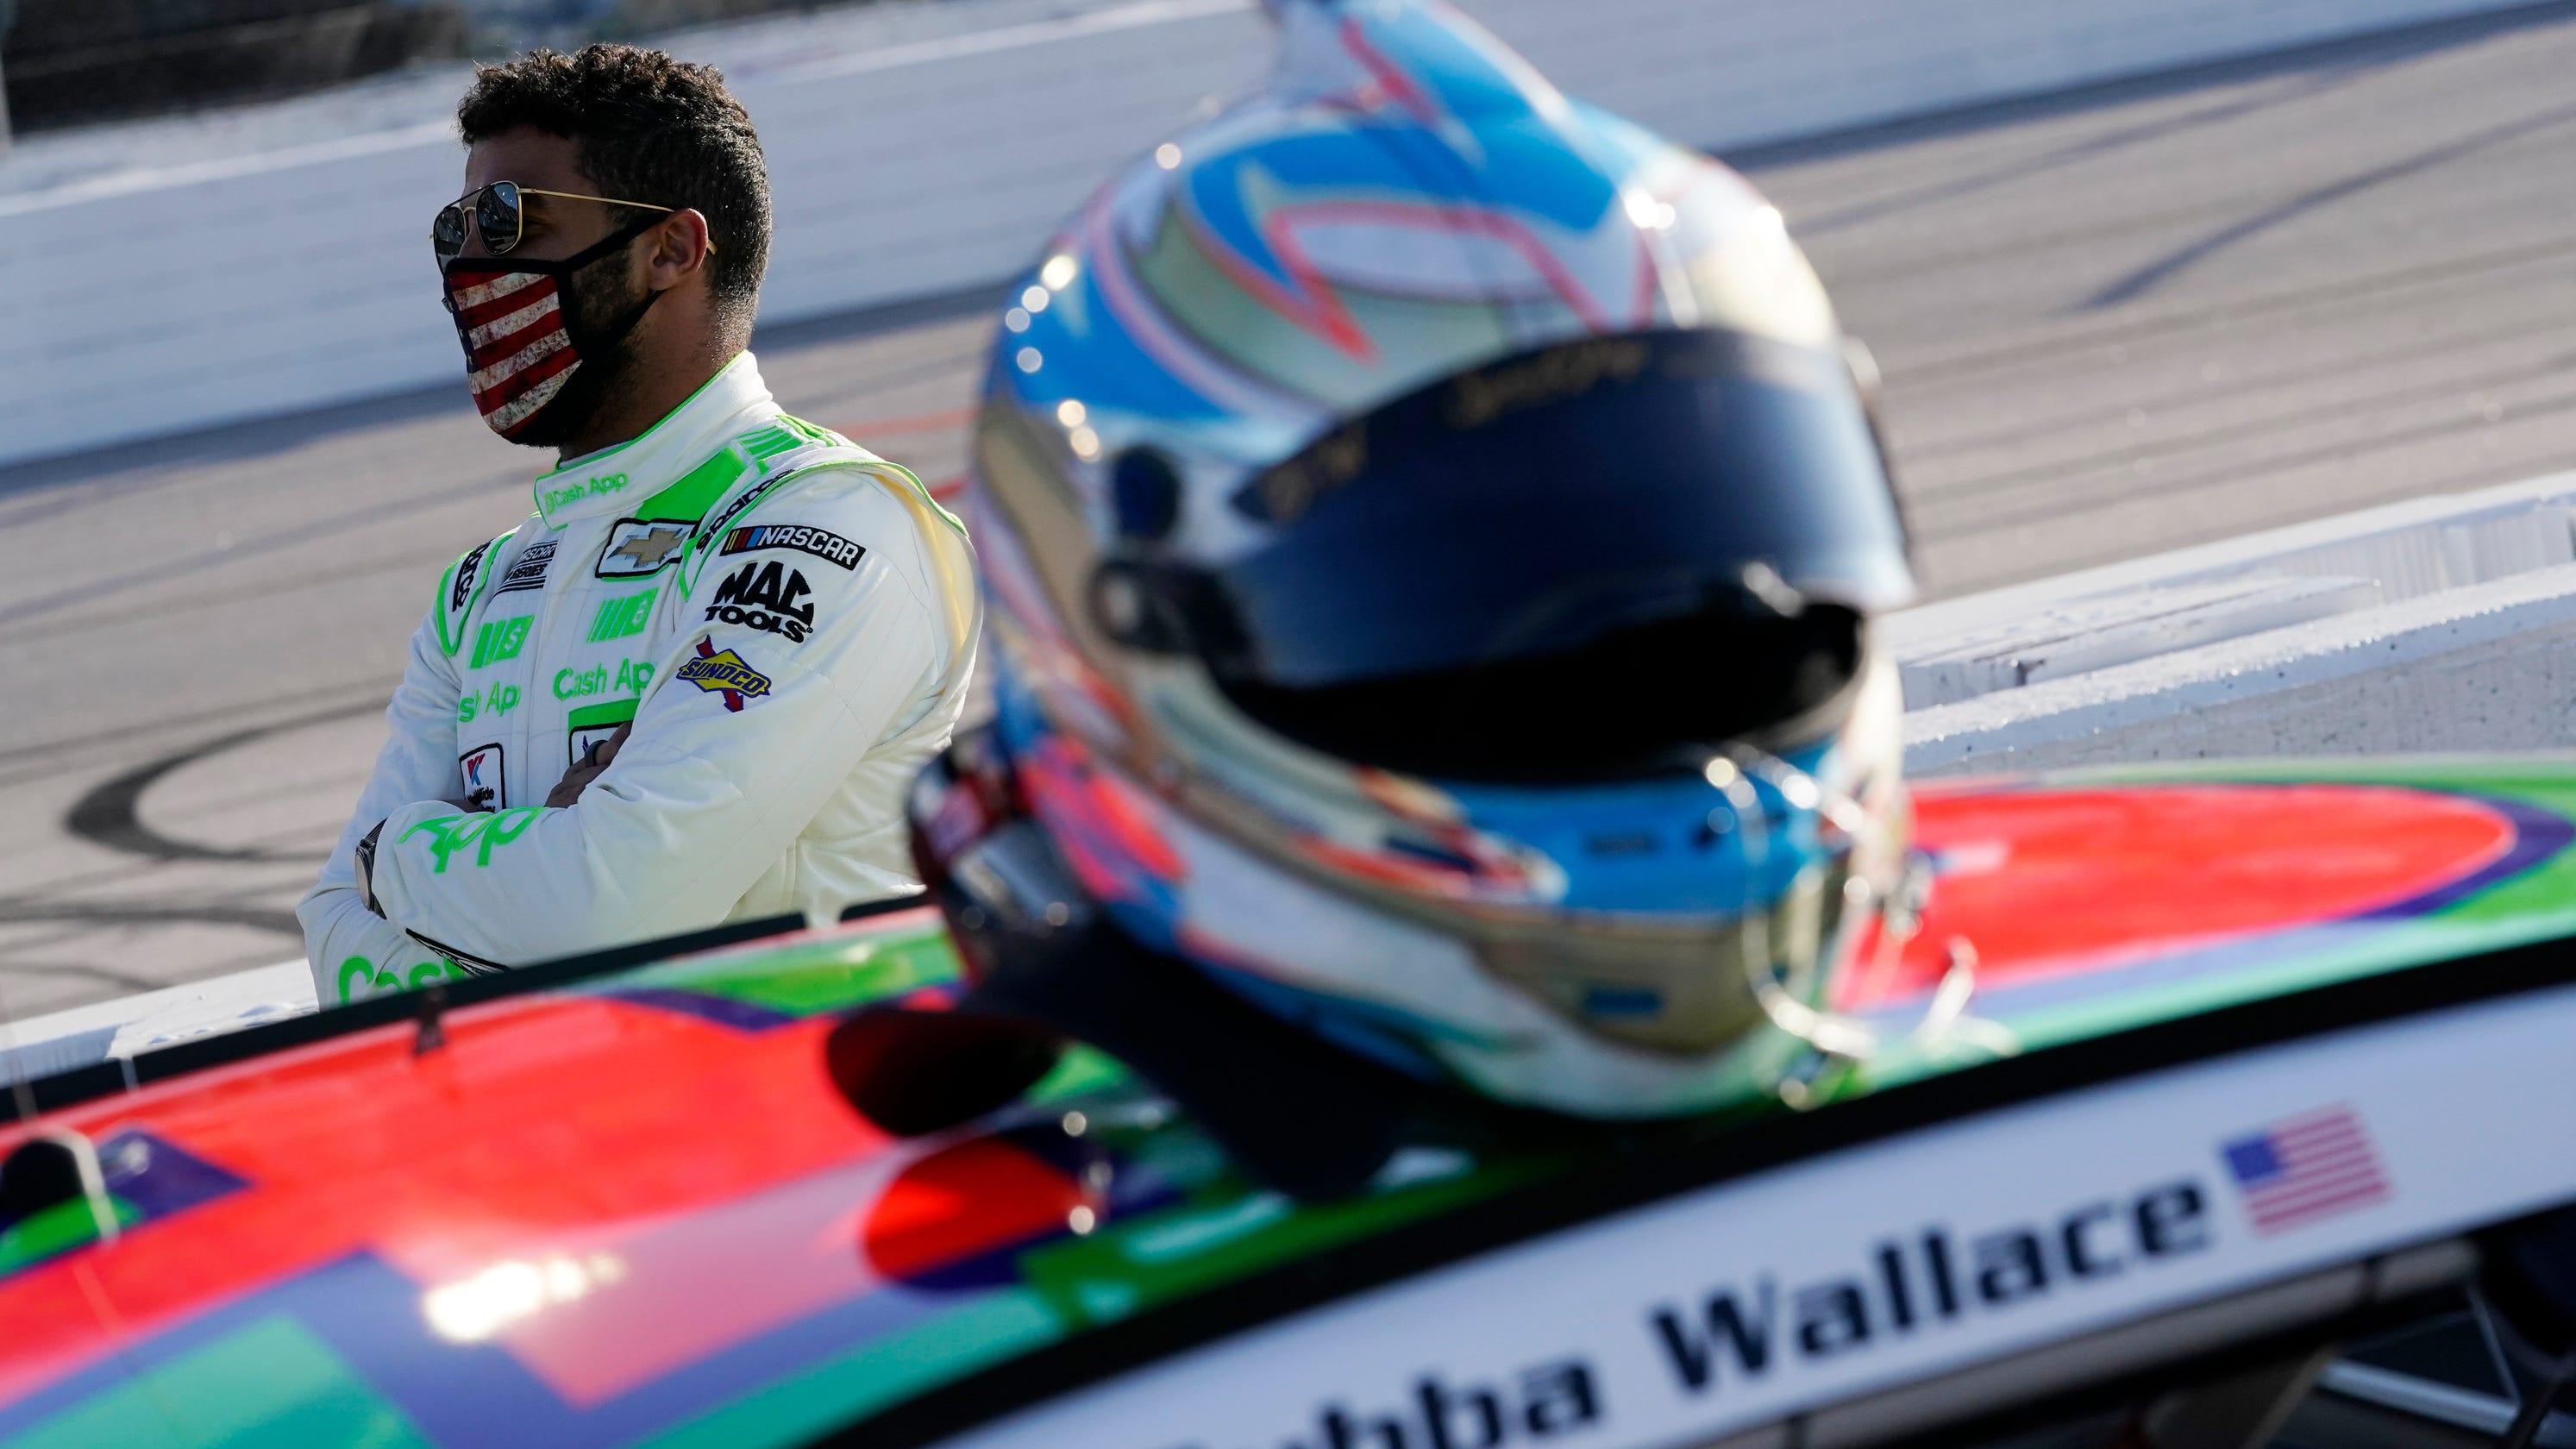 NASCAR driver Bubba Wallace leaving Richard Petty Motorsports at end of 2020 season